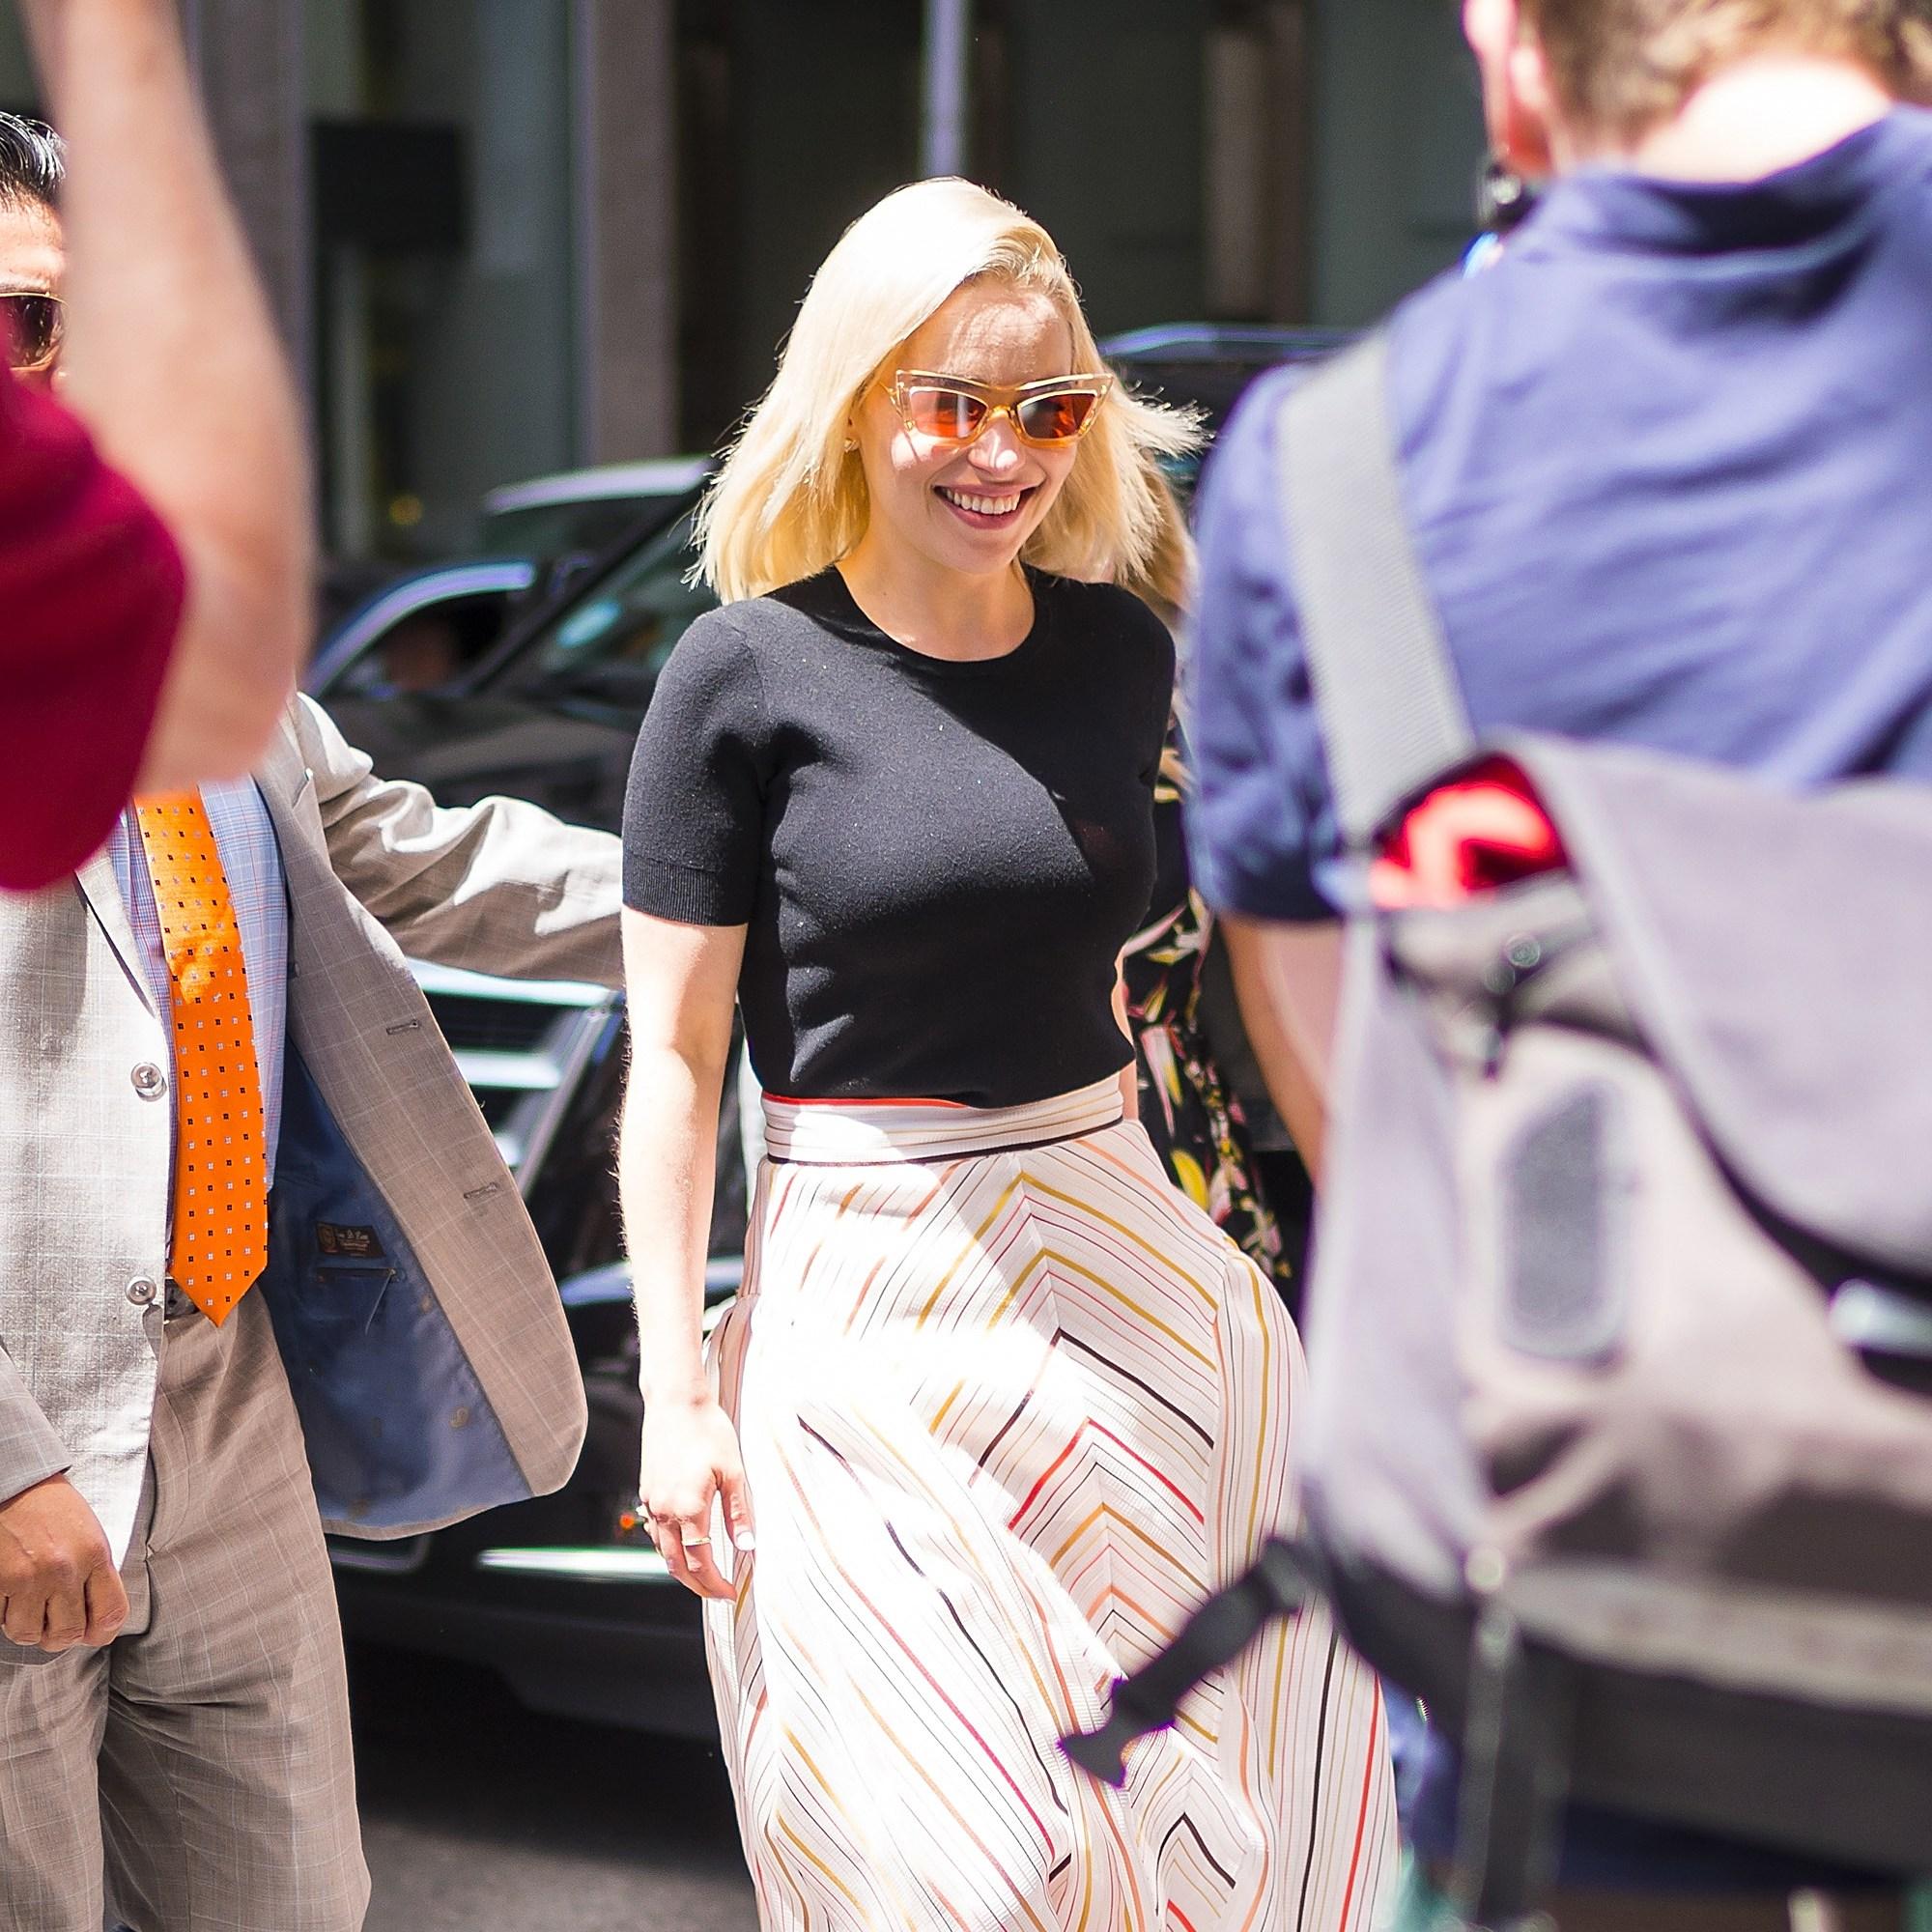 Emilia Clarke NYC striped skirt